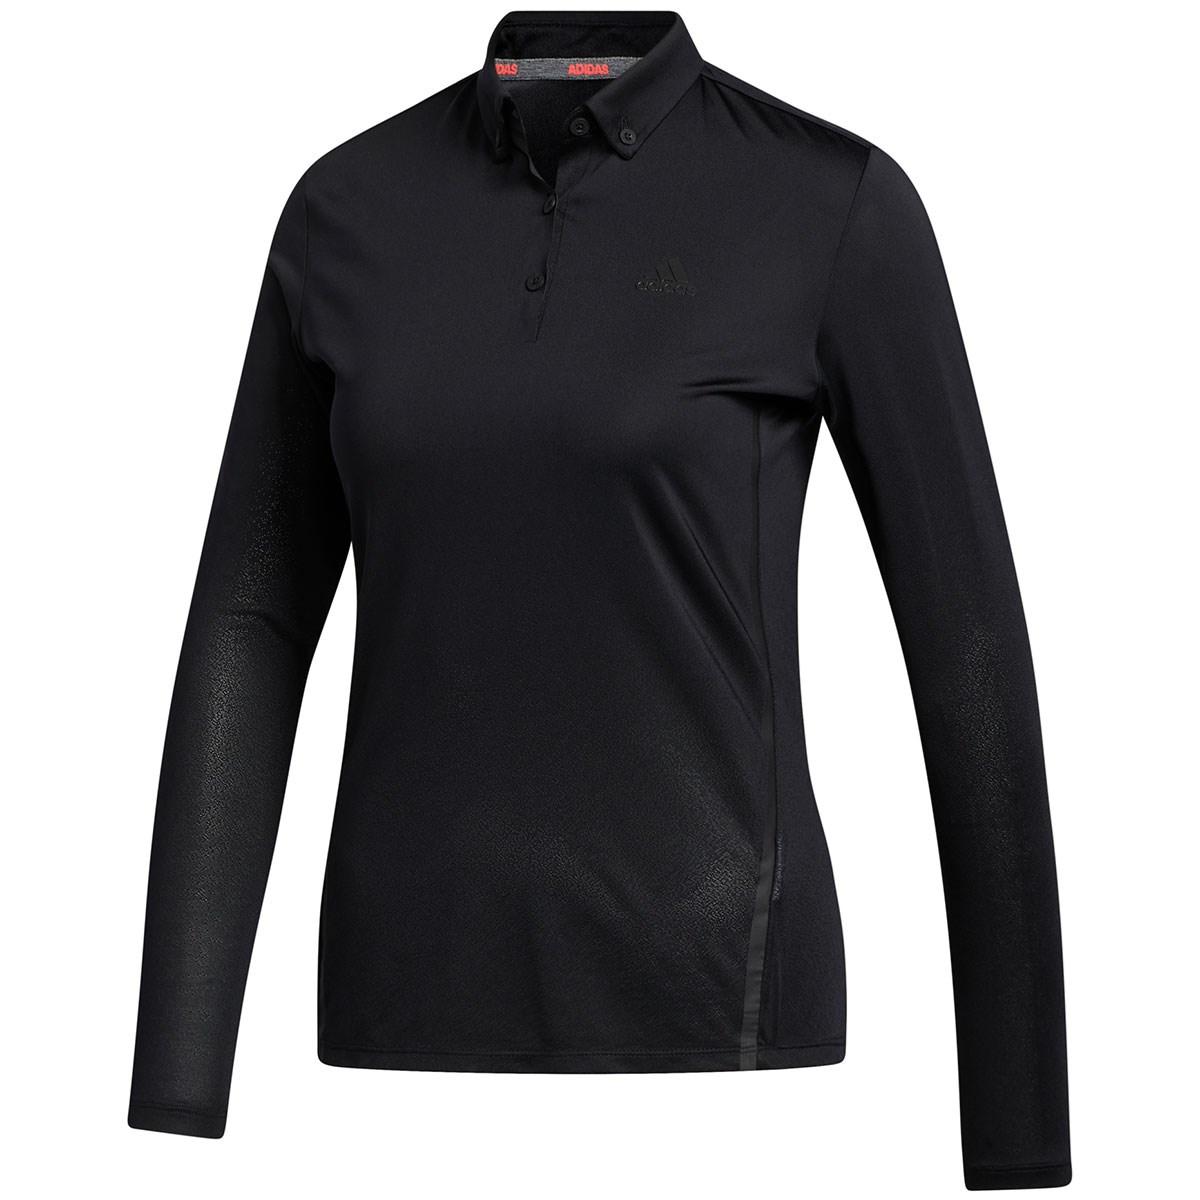 アディダス Adidas グラデーション ストレッチ長袖ボタンダウンポロシャツ J/S ブラック レディス